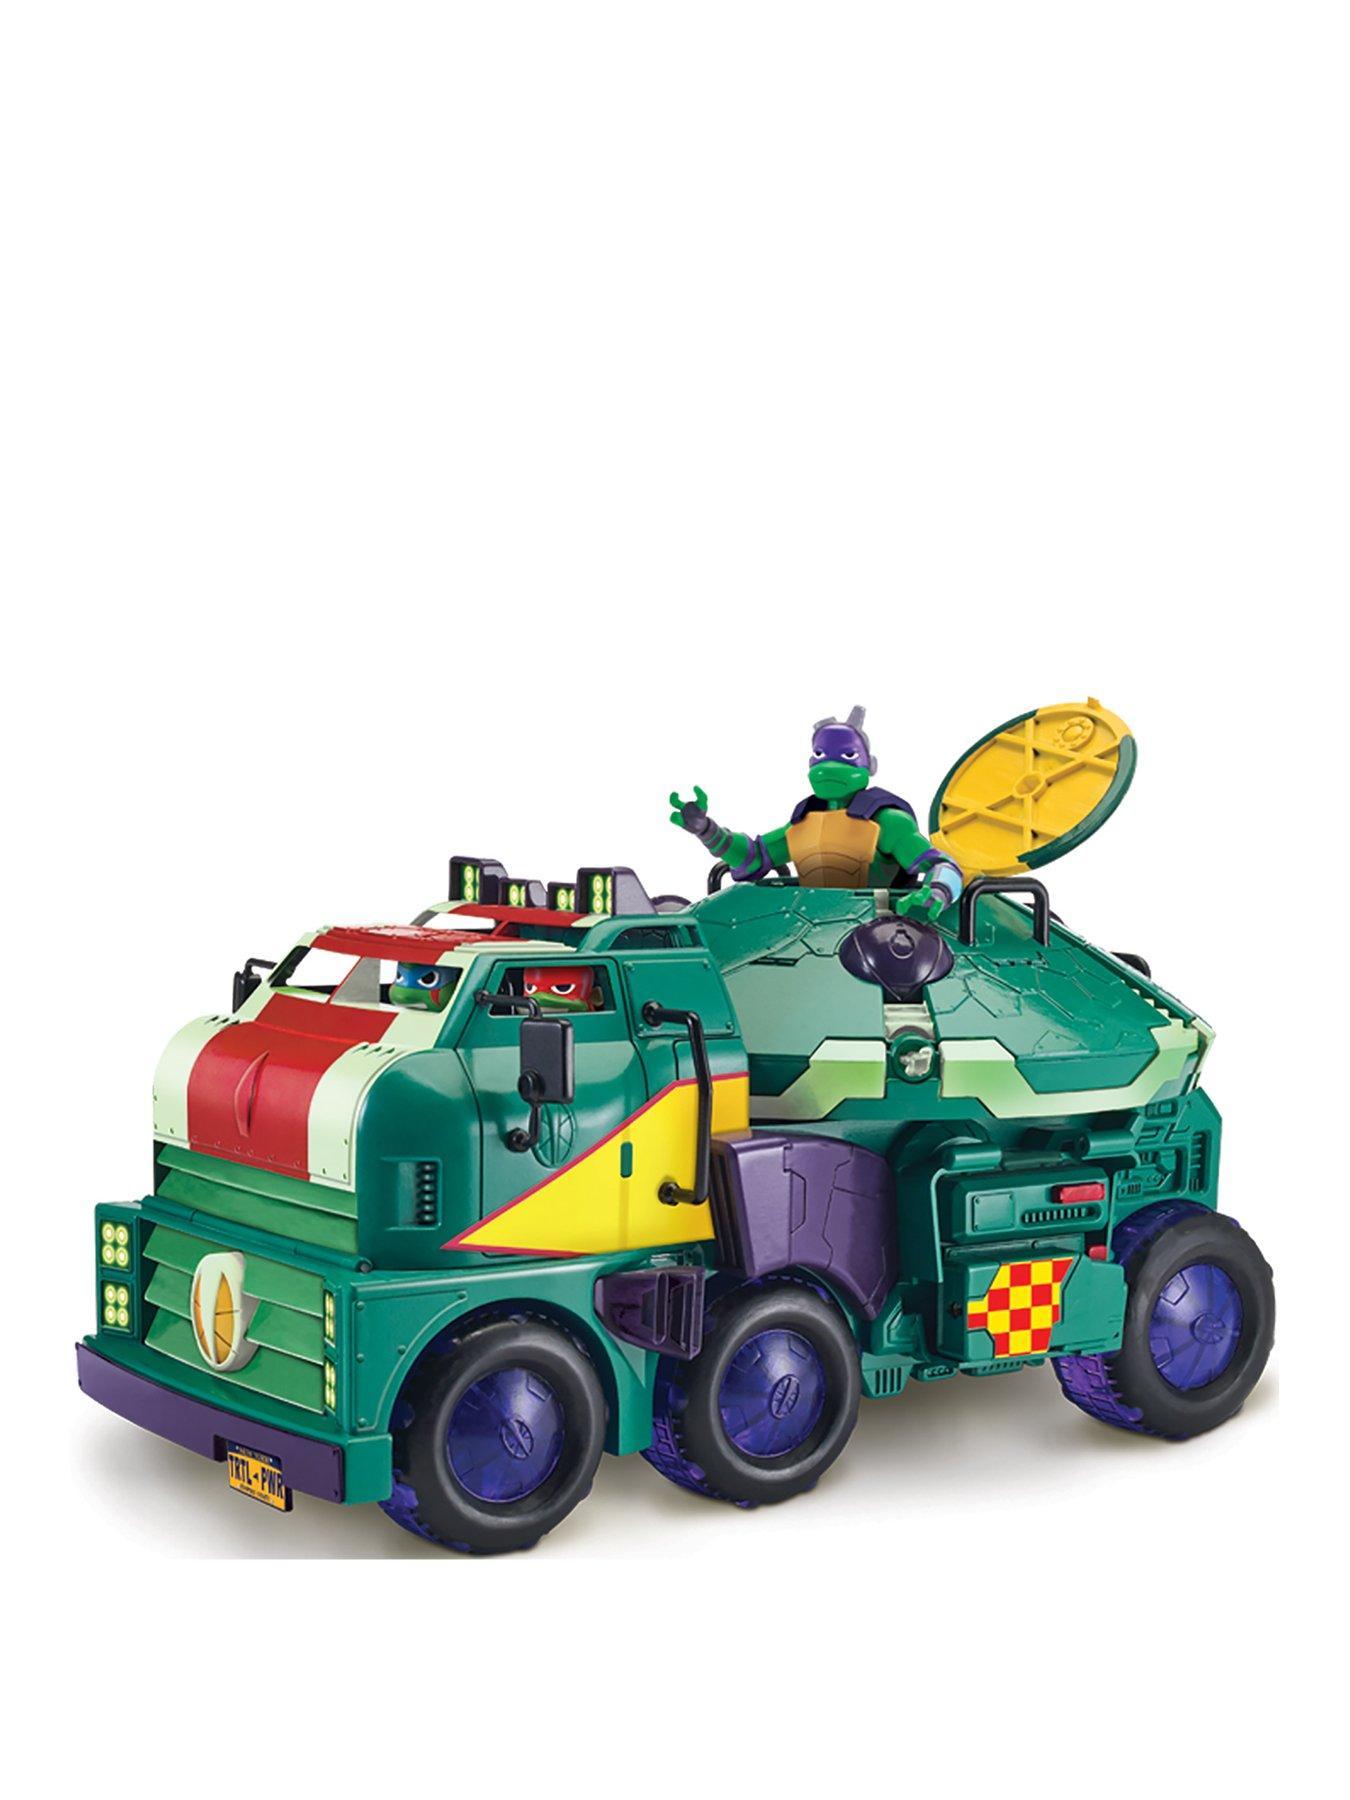 CUSTOM LEGO Entertainer-Mania